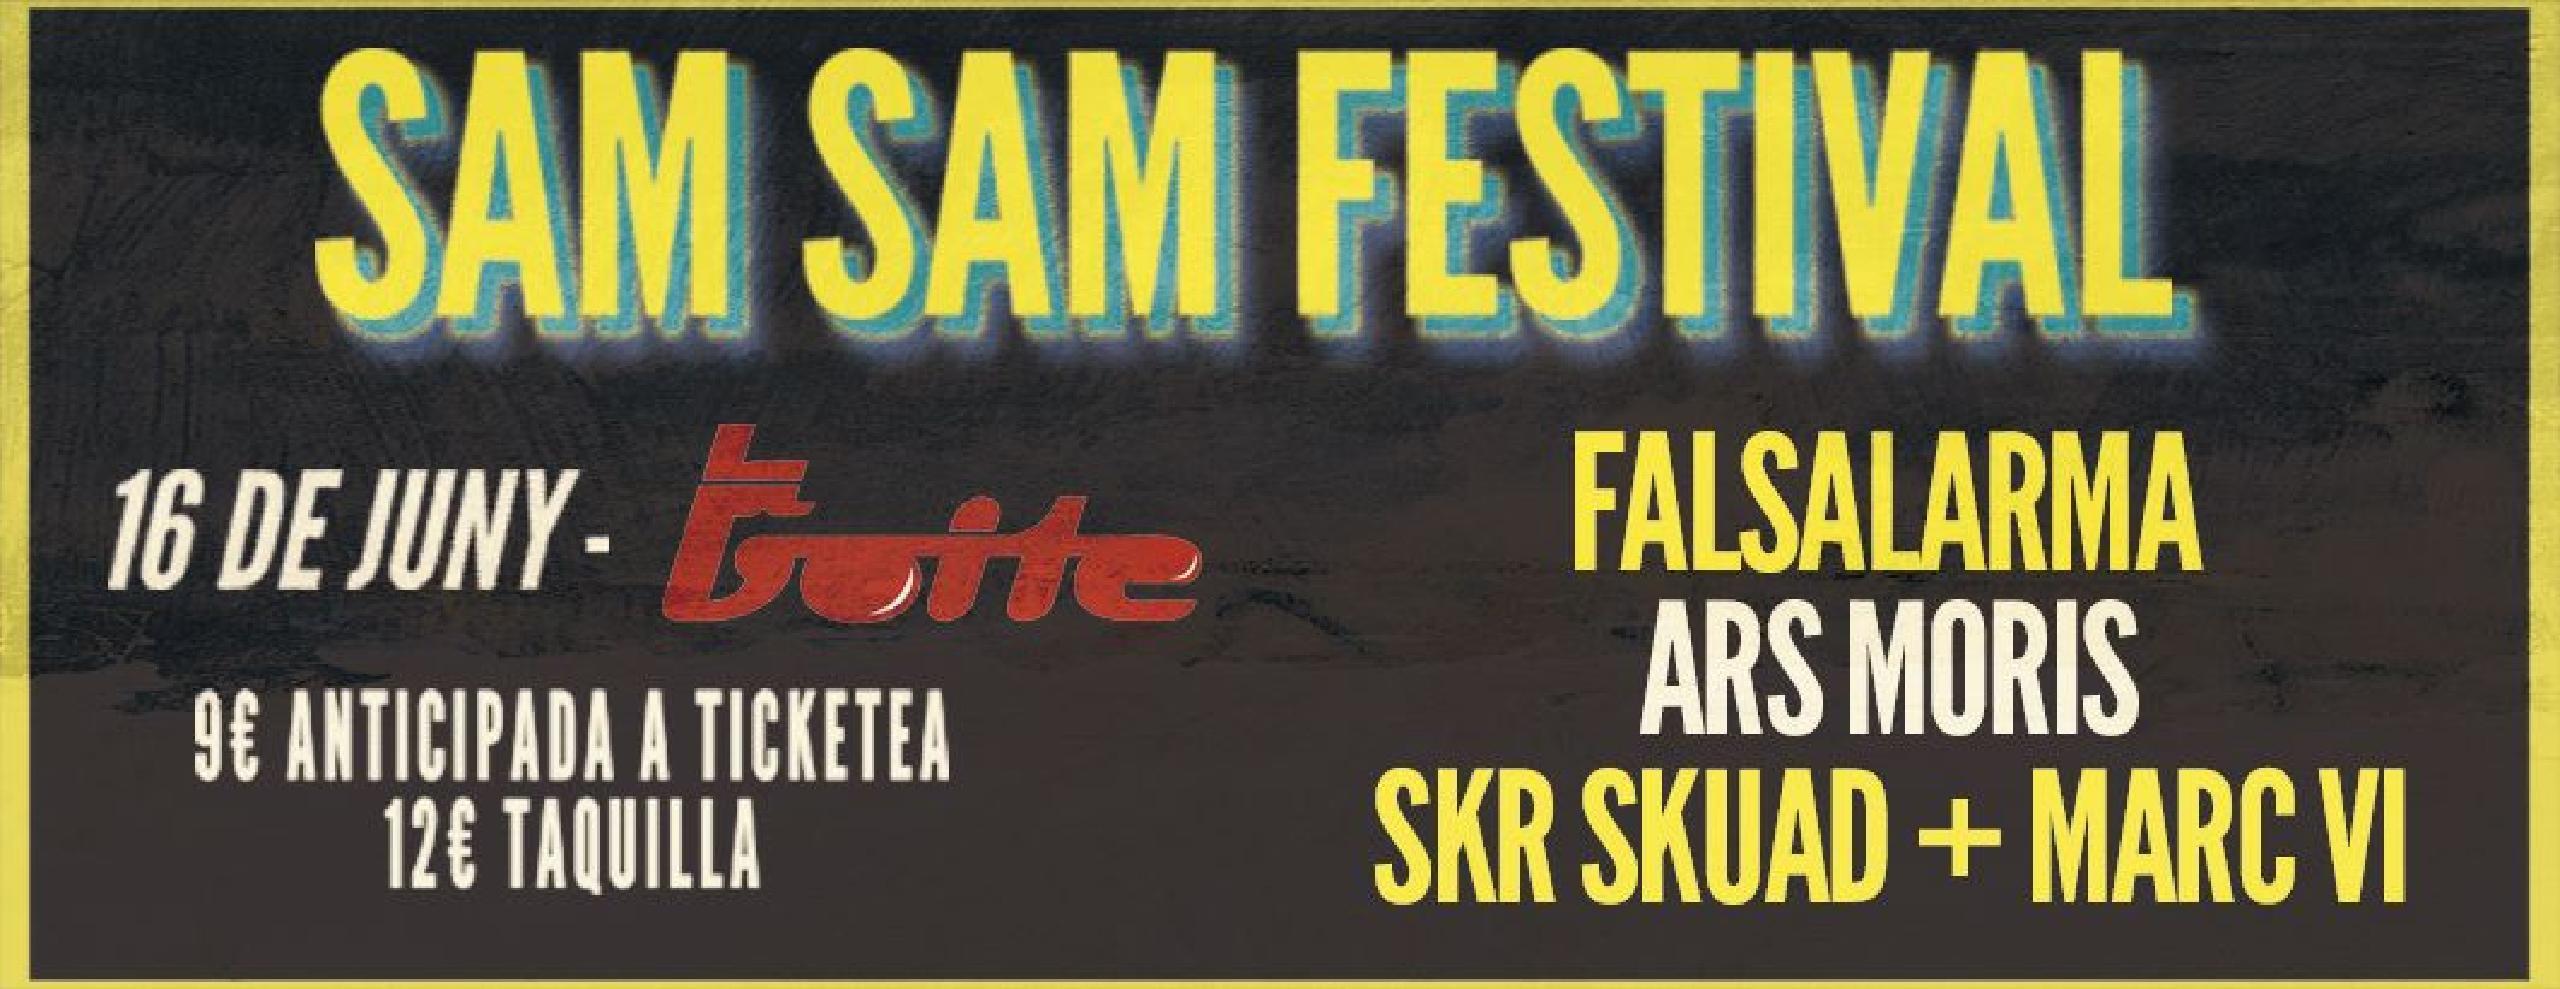 Foto del cartel del SAM SAM Festival Lleida 2018